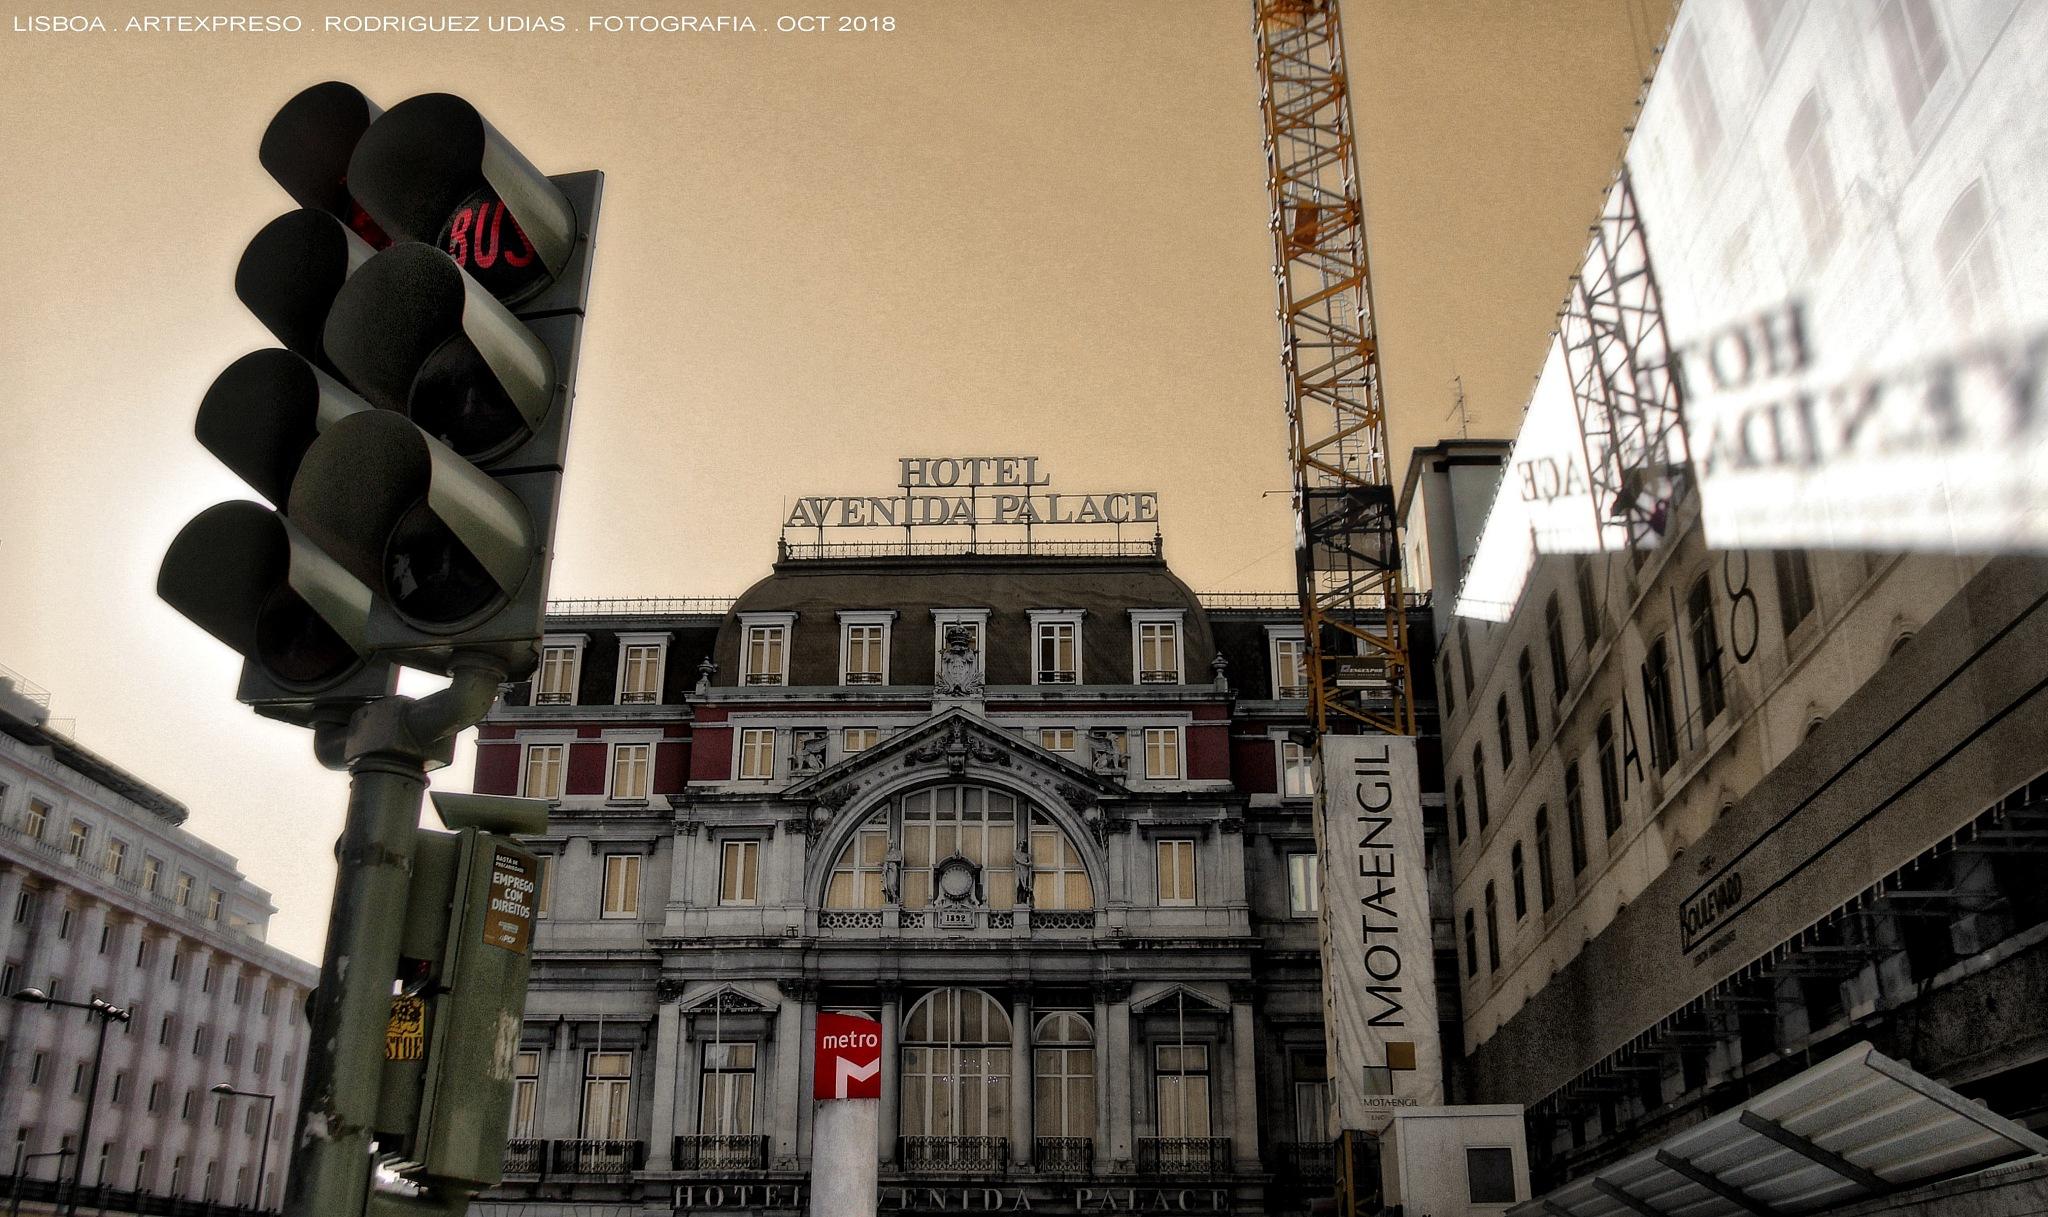 LISBOA . MARAVILHOSA / ARTEXPRESO 2018 by  Artexpreso